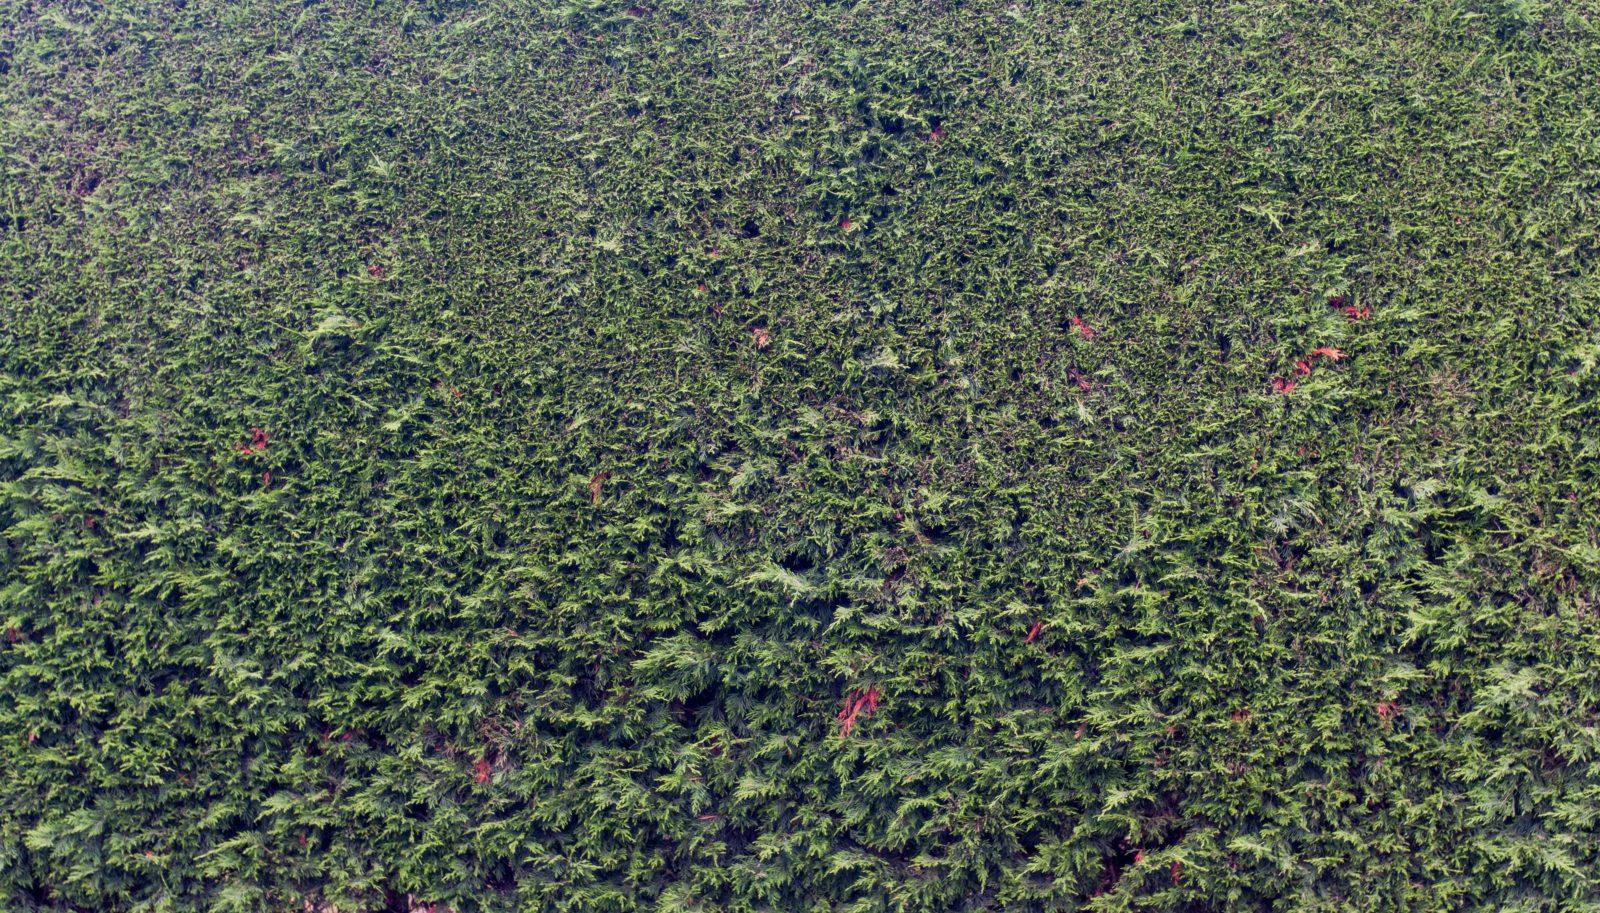 Big Conifer Hedge